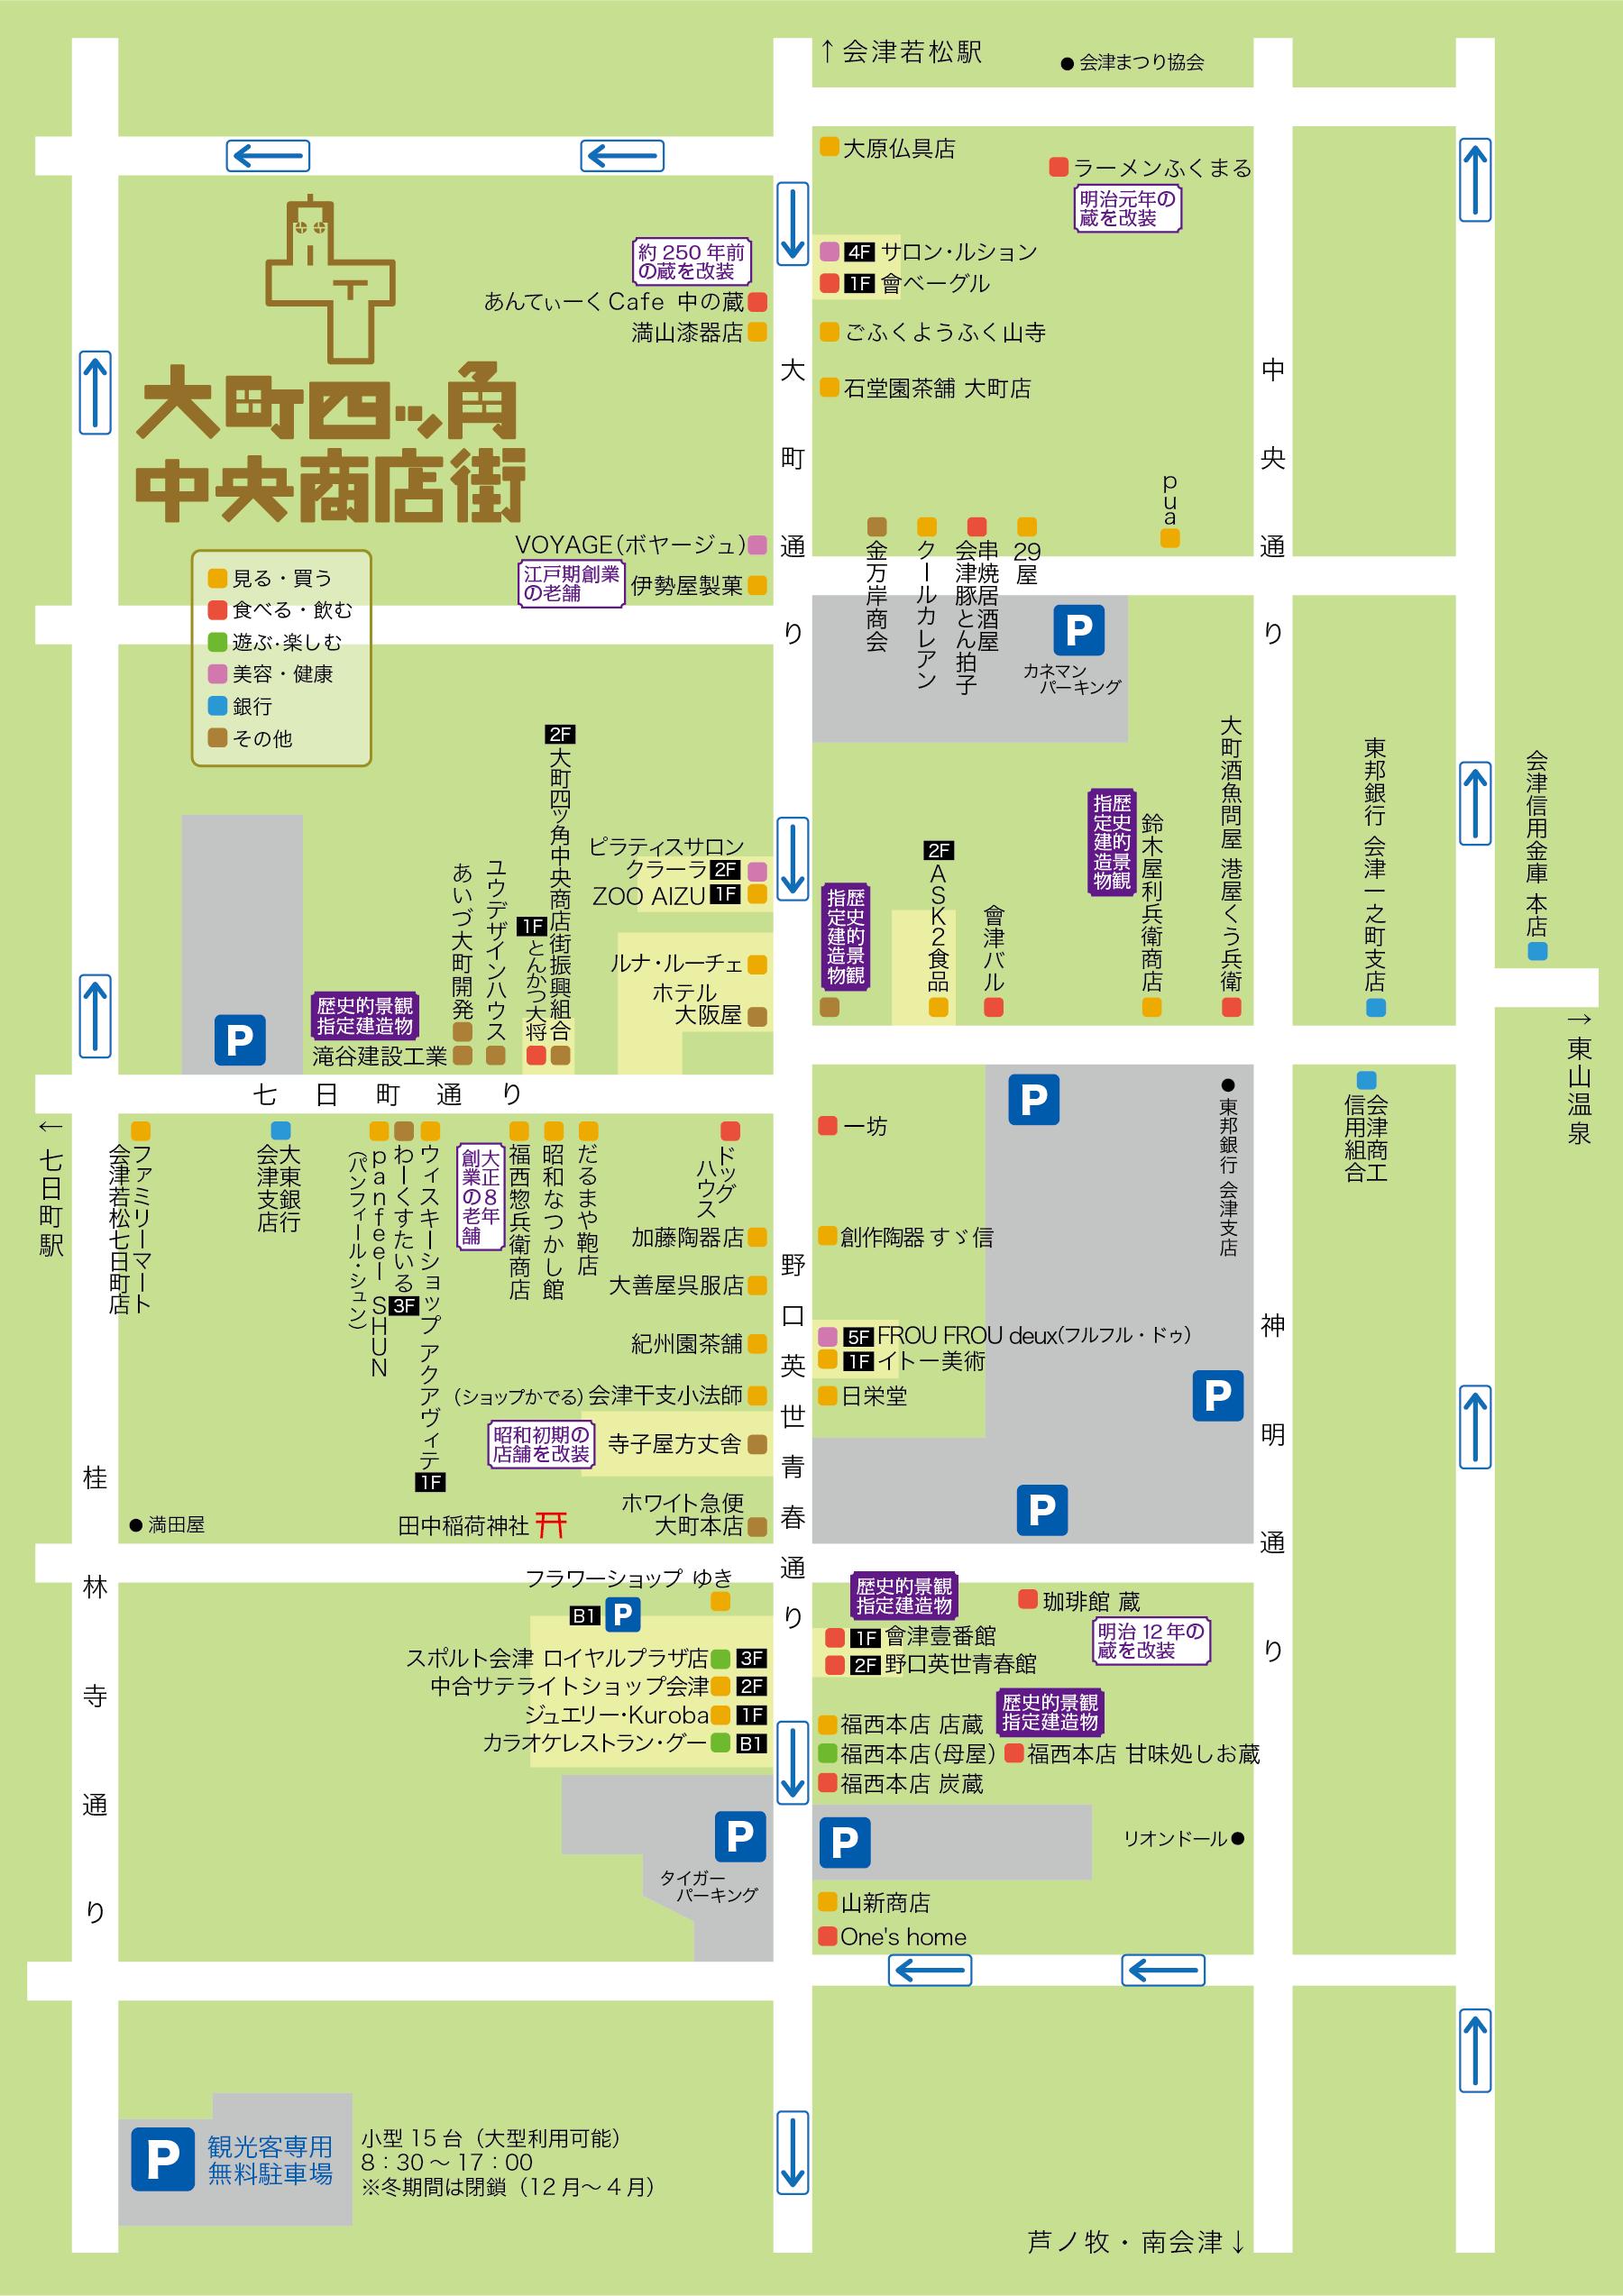 大町四ッ角中央商店街マップ 2020年7月時点